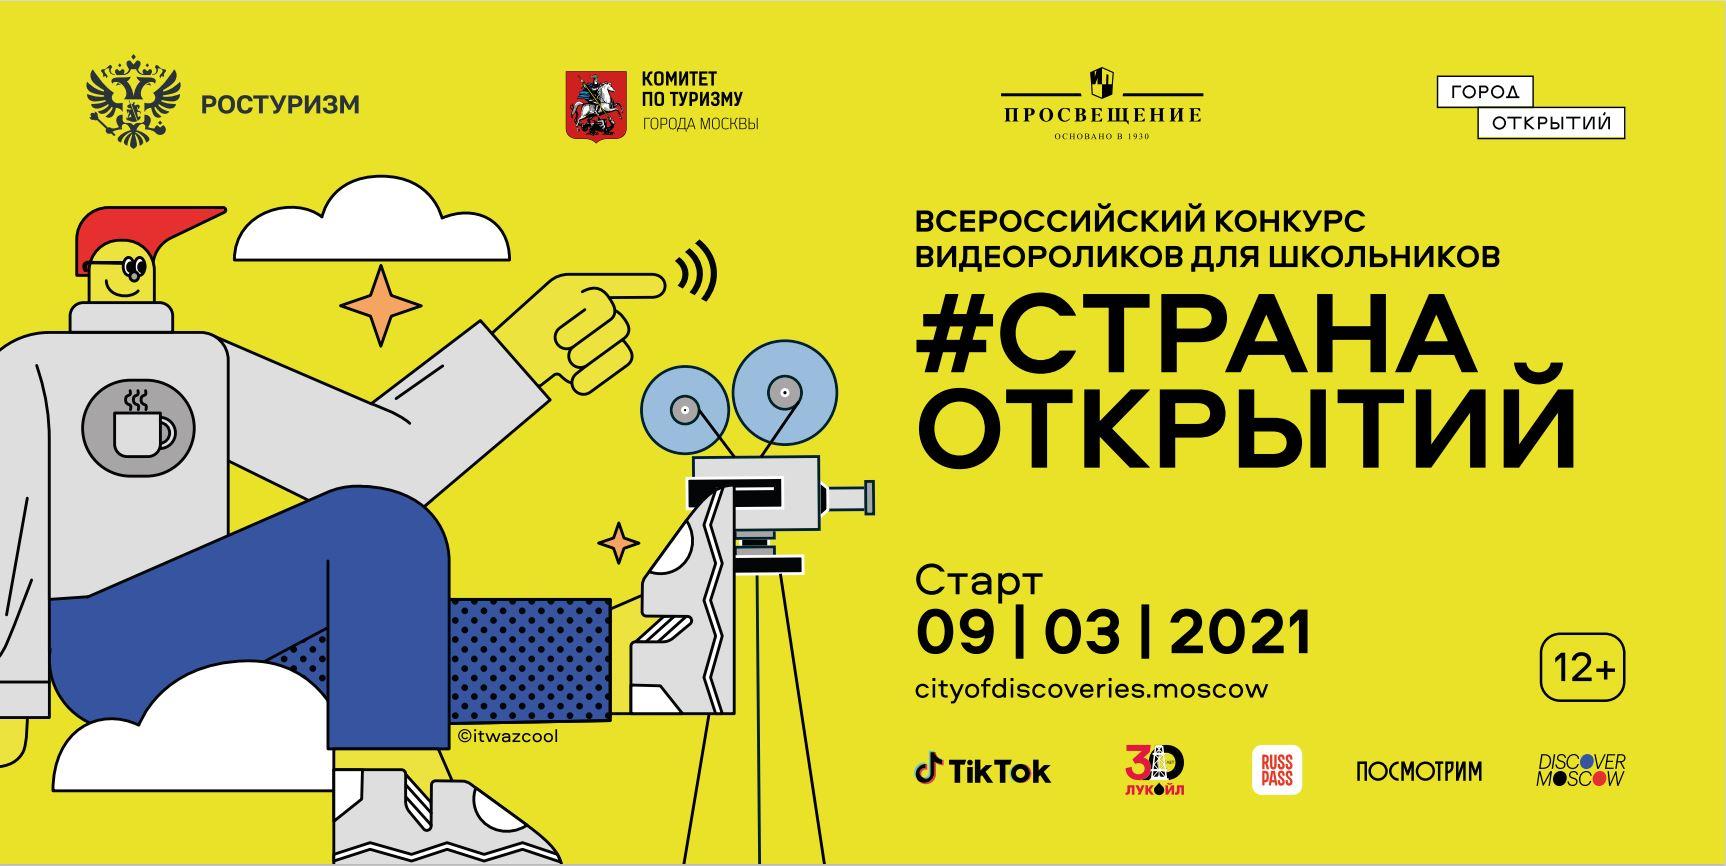 Вологодских школьников приглашают к участию во Всероссийском туристическом конкурсе видеороликов «Страна открытий»